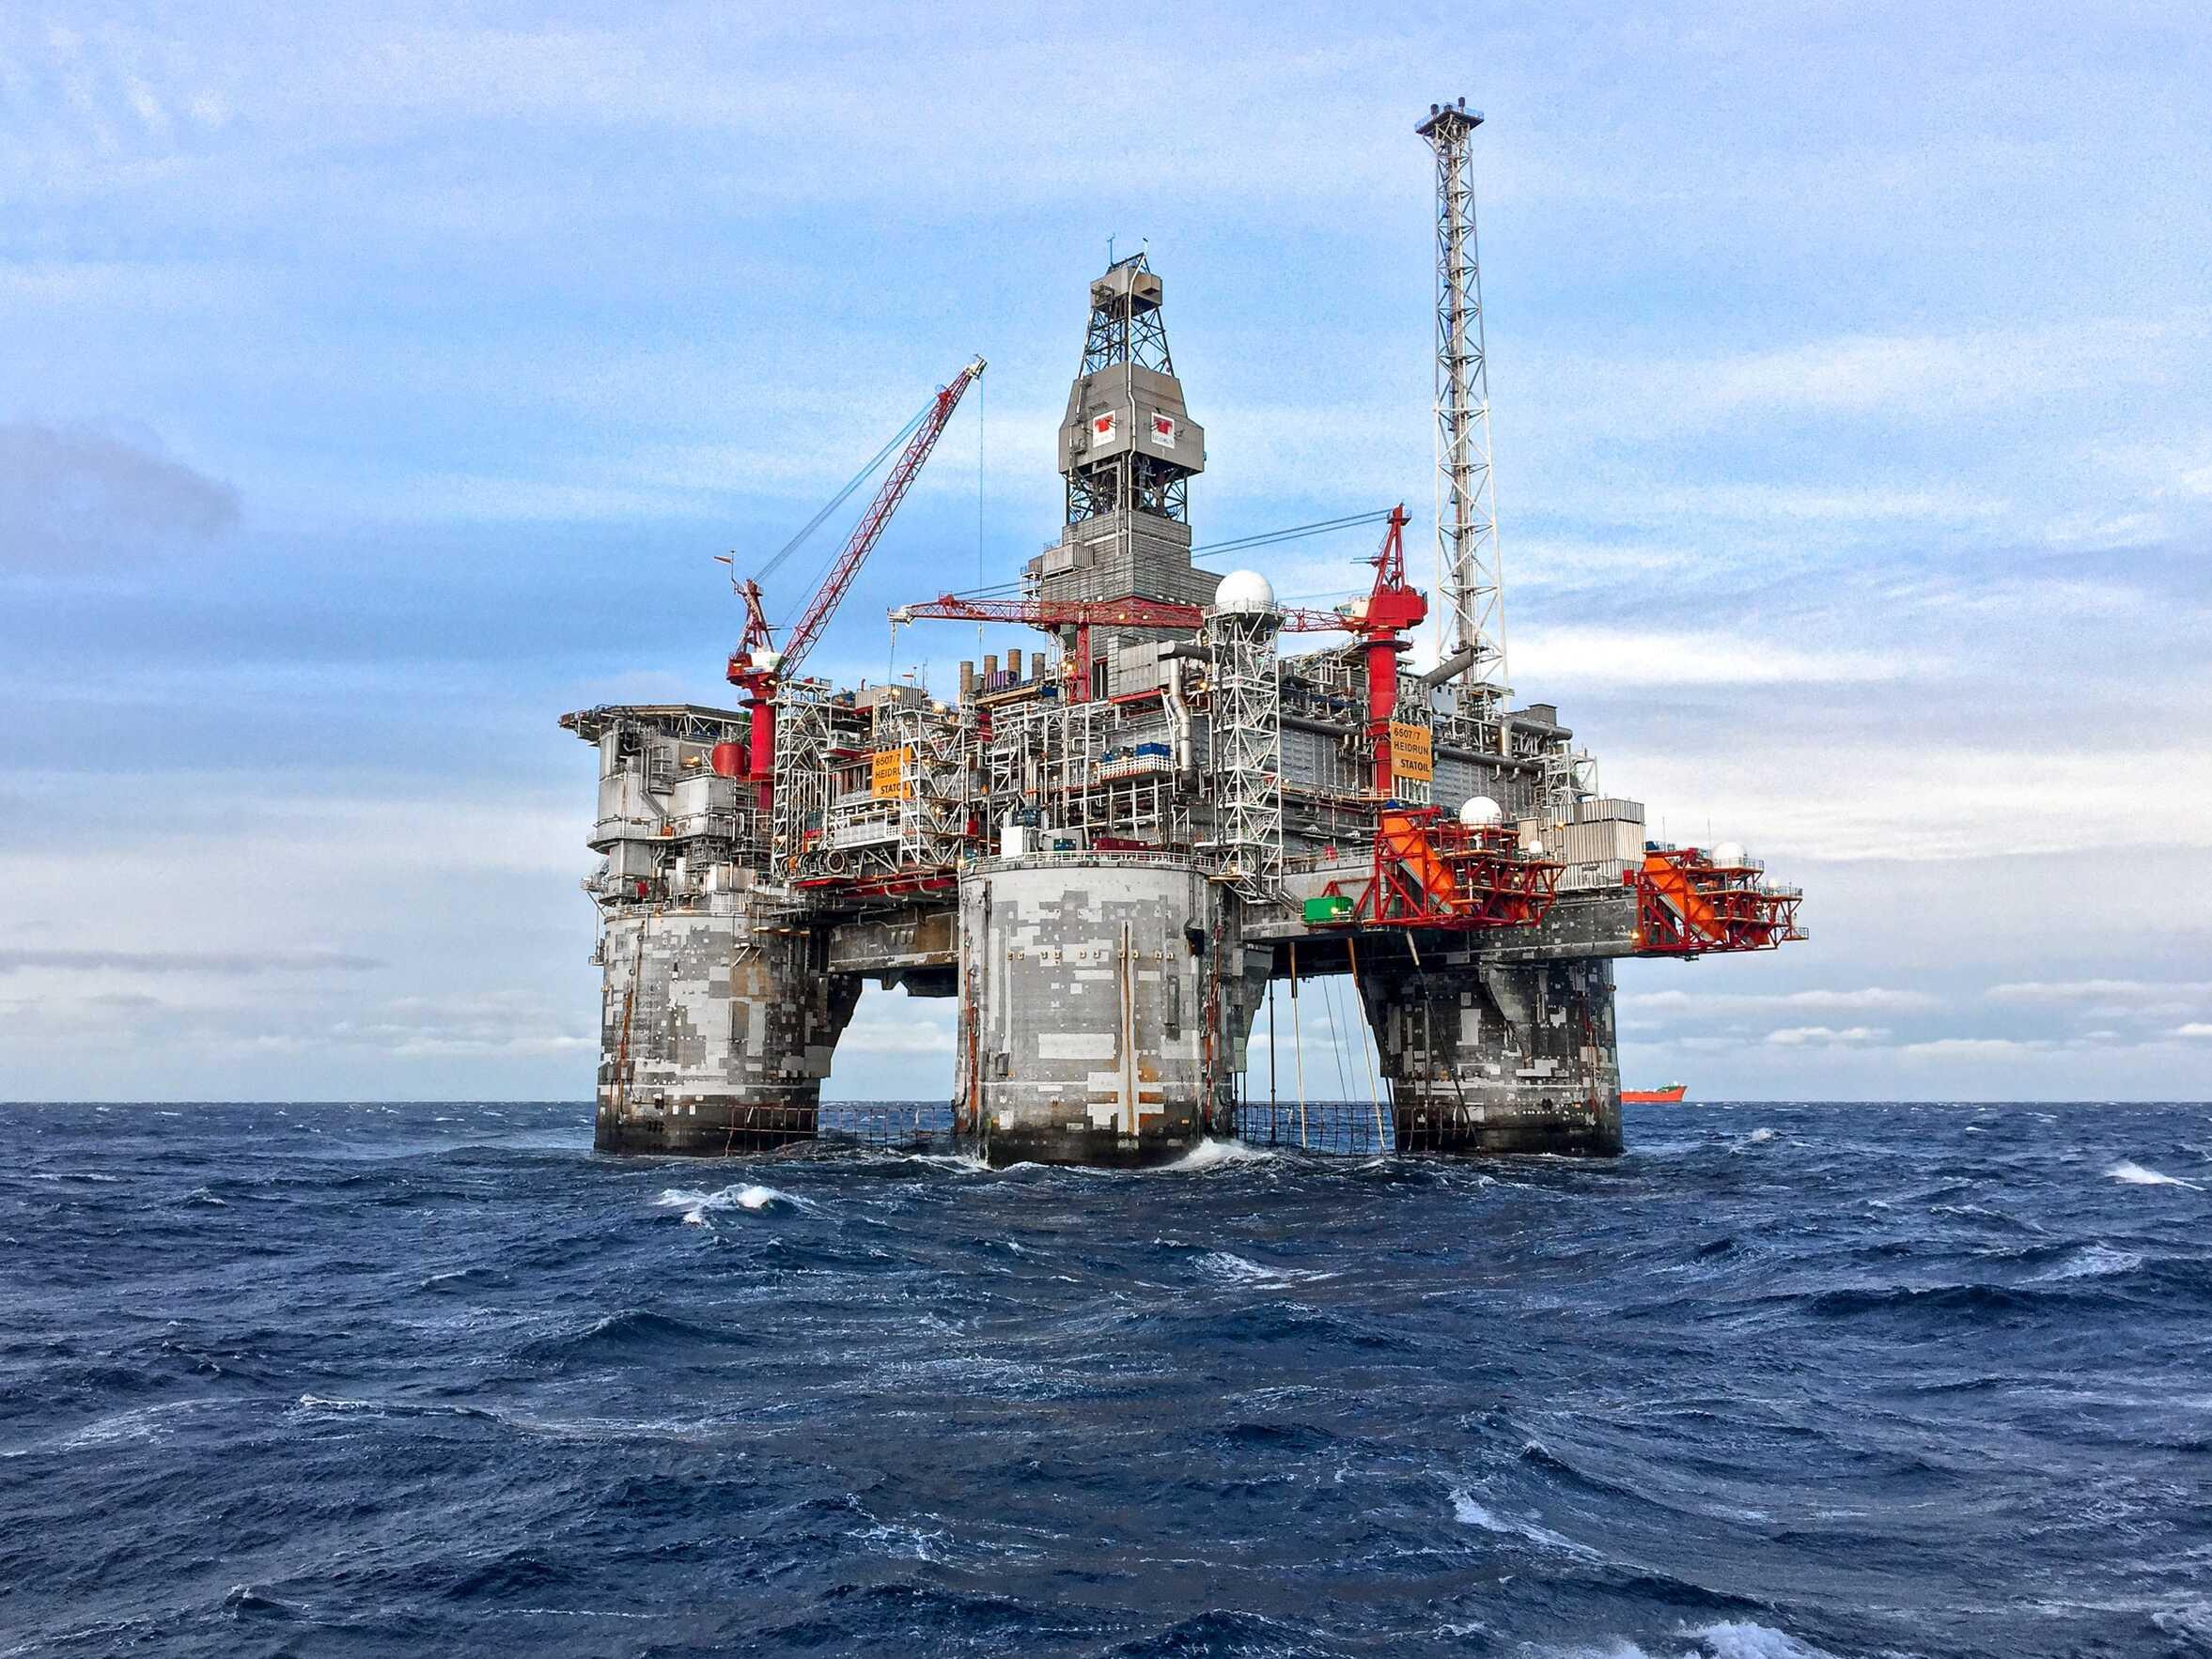 Kabelwerkers op olieplatform.